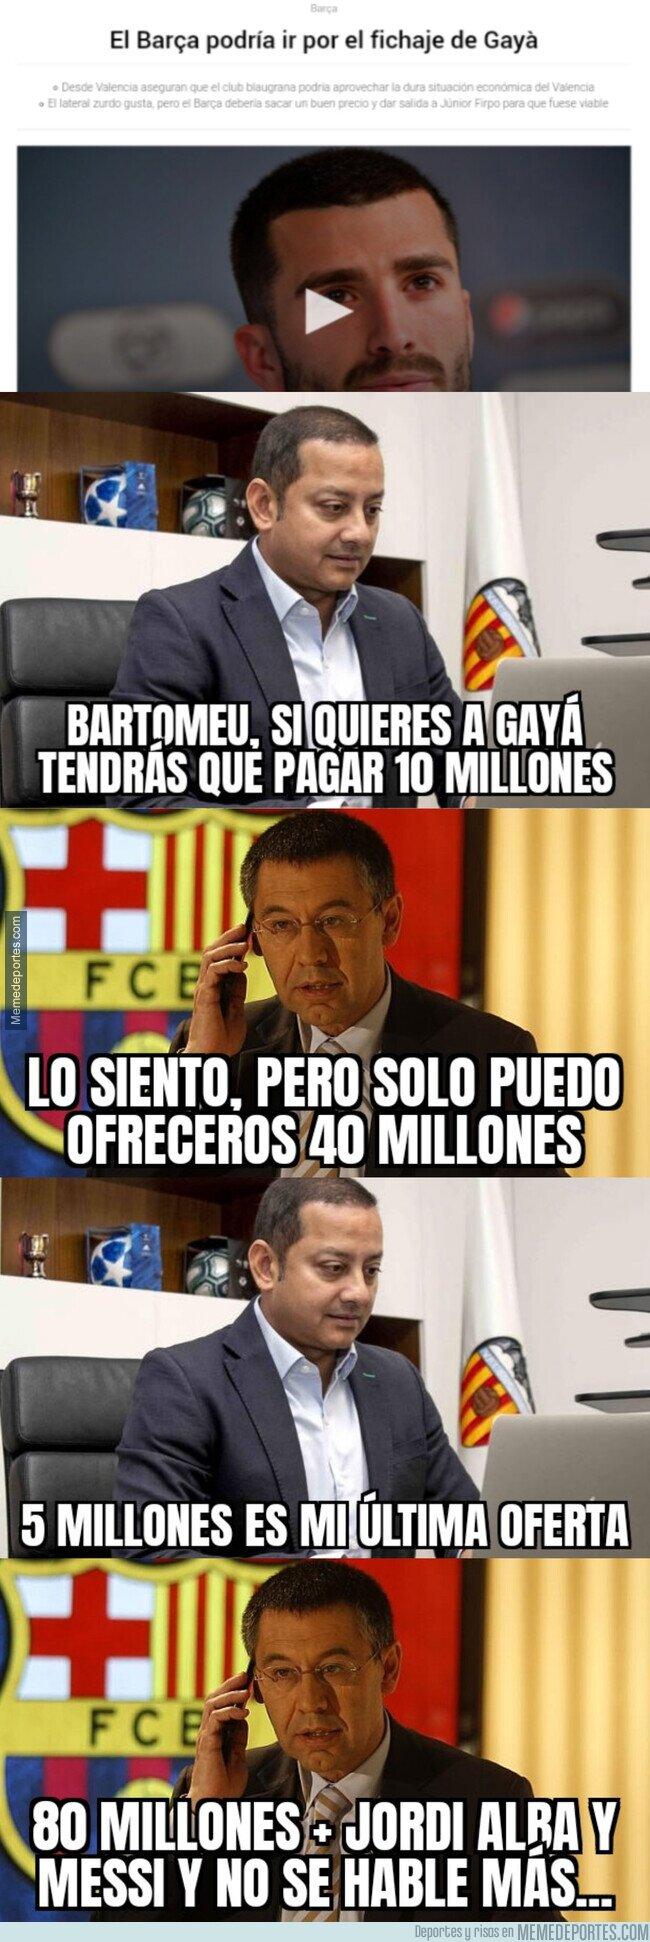 1112179 - Así negociarían Barça y Valencia el posible fichaje de Gayá